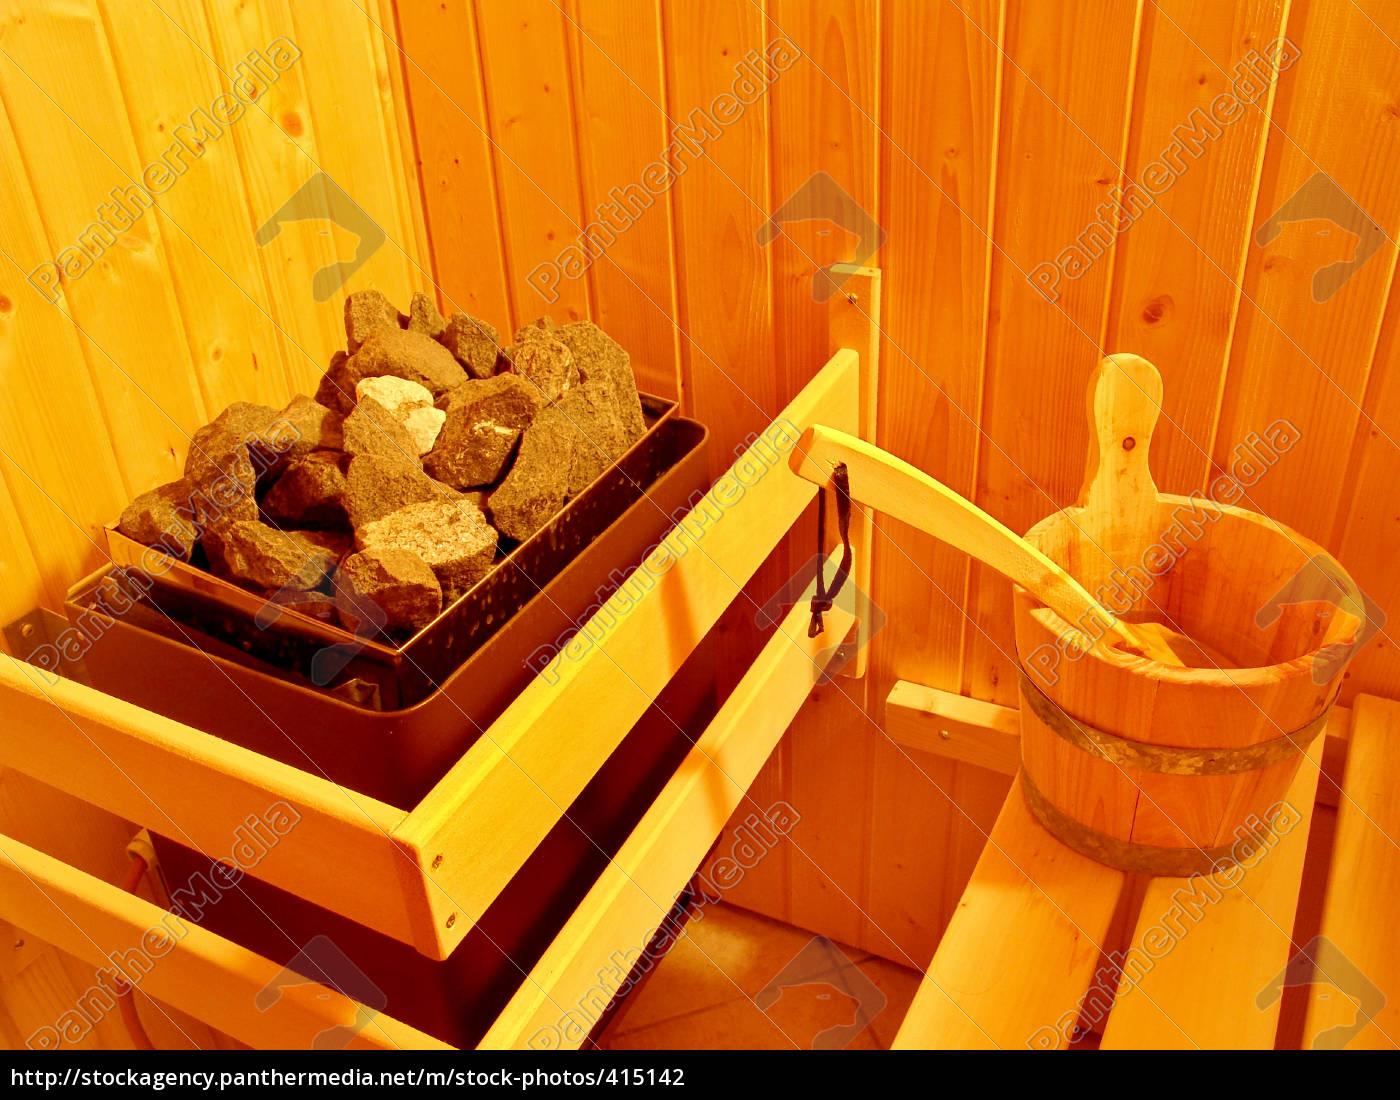 sauna, stove, and, bucket - 415142